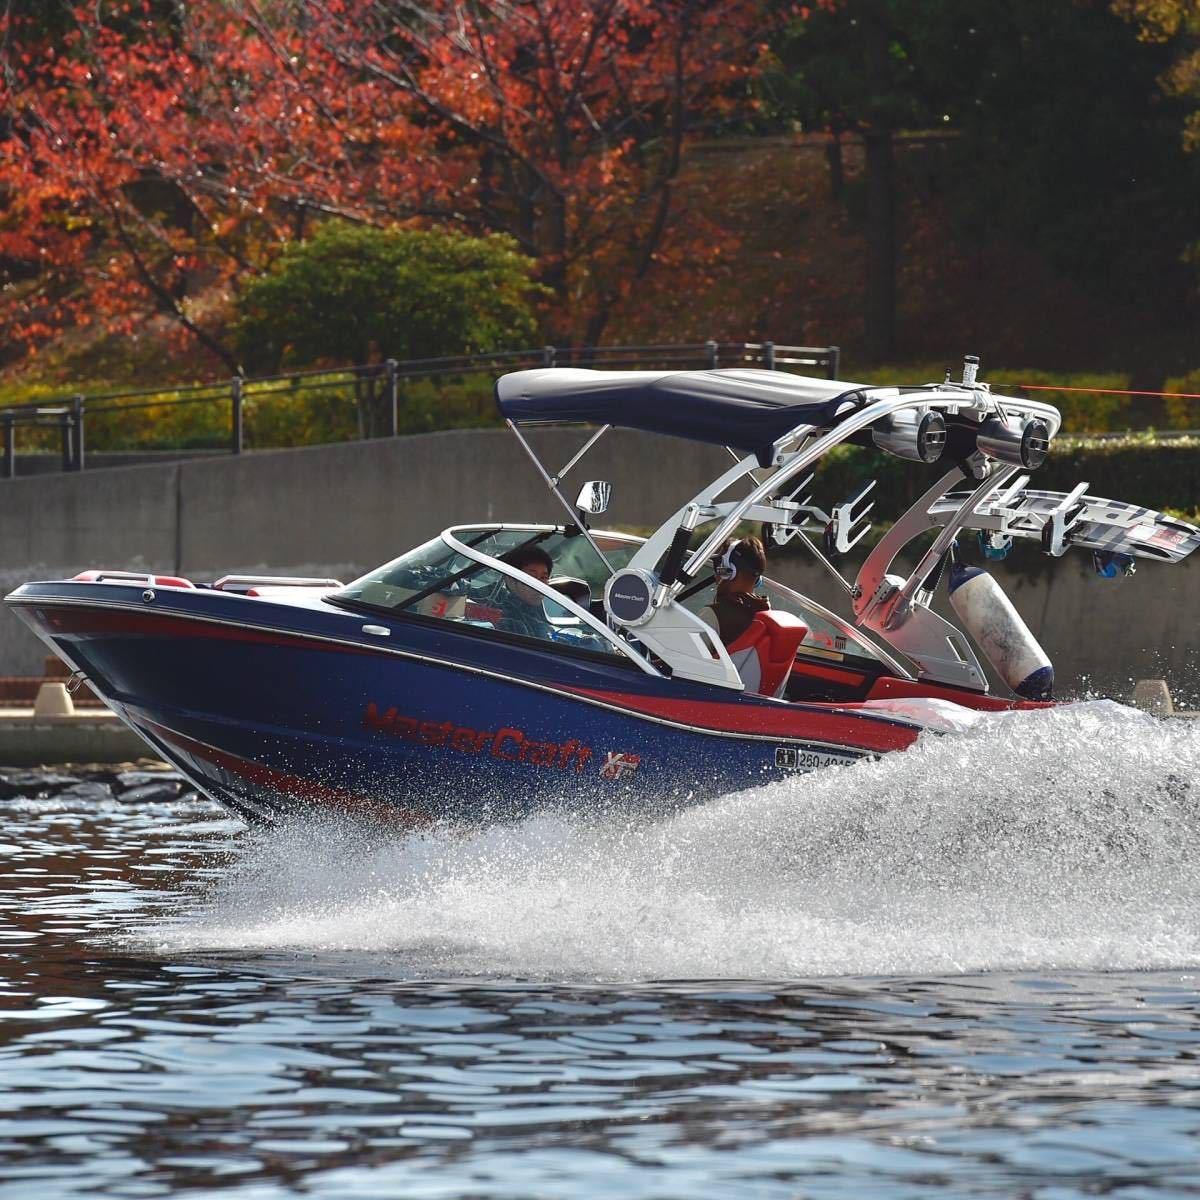 「マスタークラフト(Master Craft)XT21 アメリカ製 ボート プレジャーボート ウェイクボード ウェイクサーフィン マリンスポーツ」の画像1